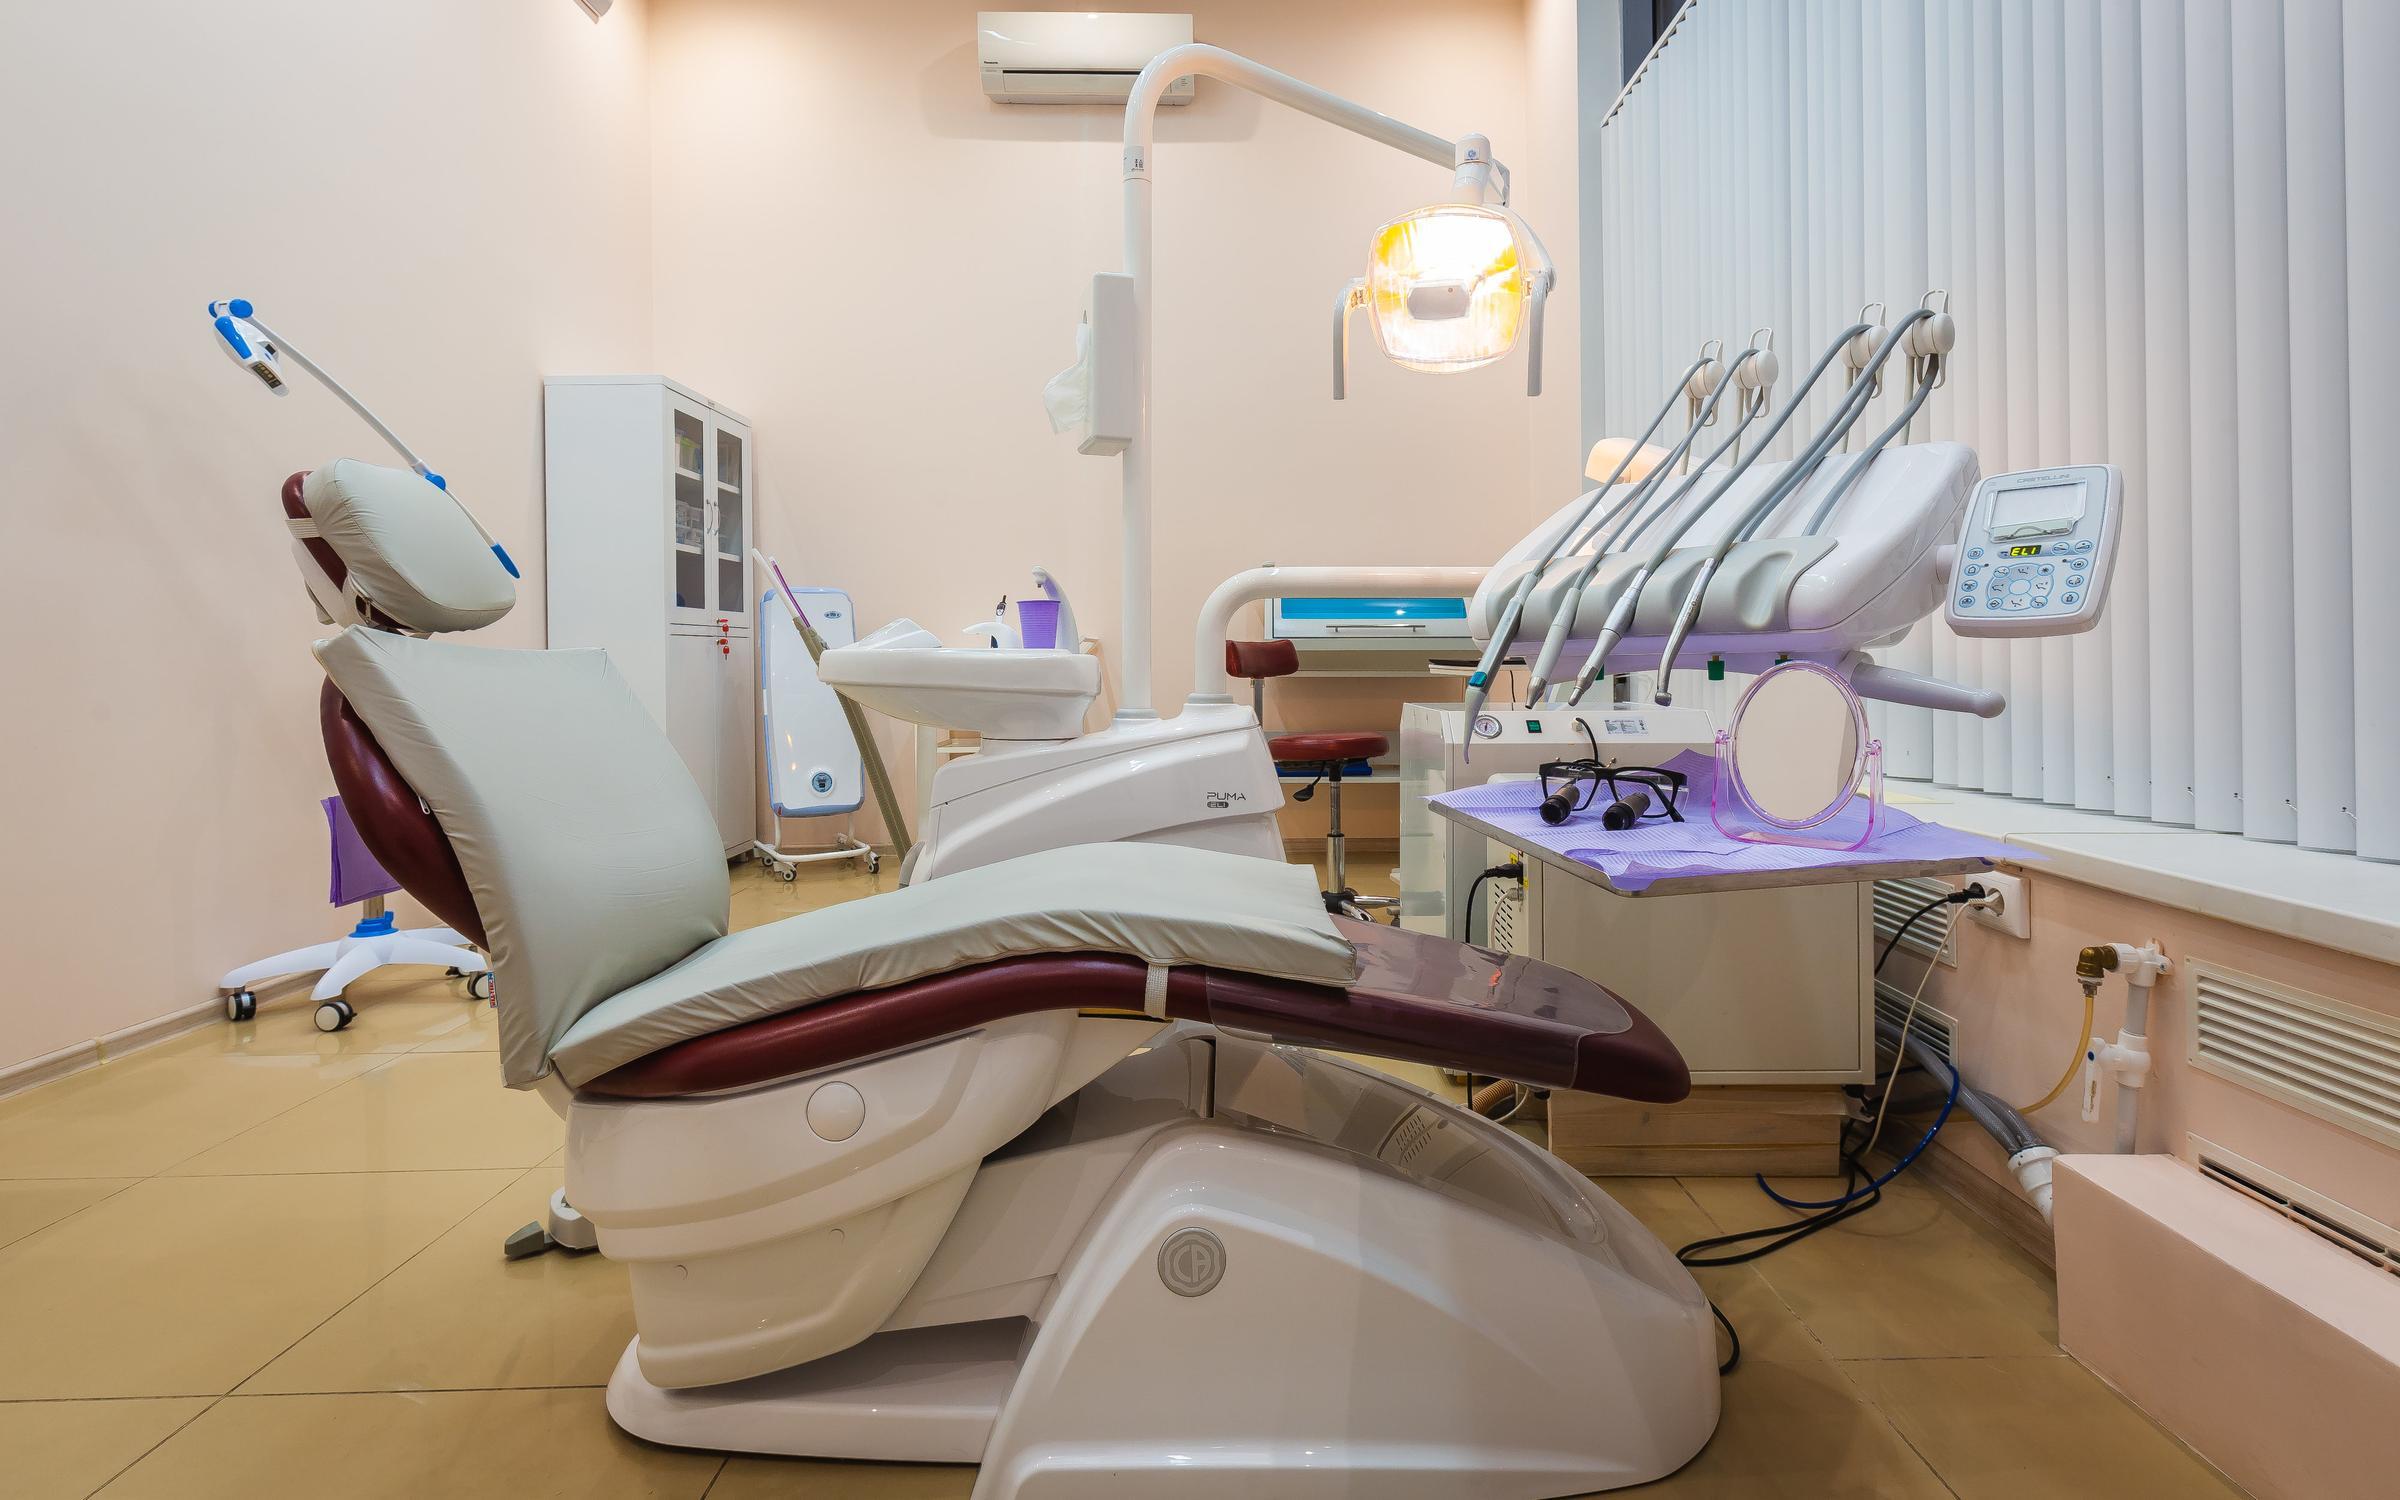 фотография Стоматологической клиники Адамодентал в Алтуфьевском районе